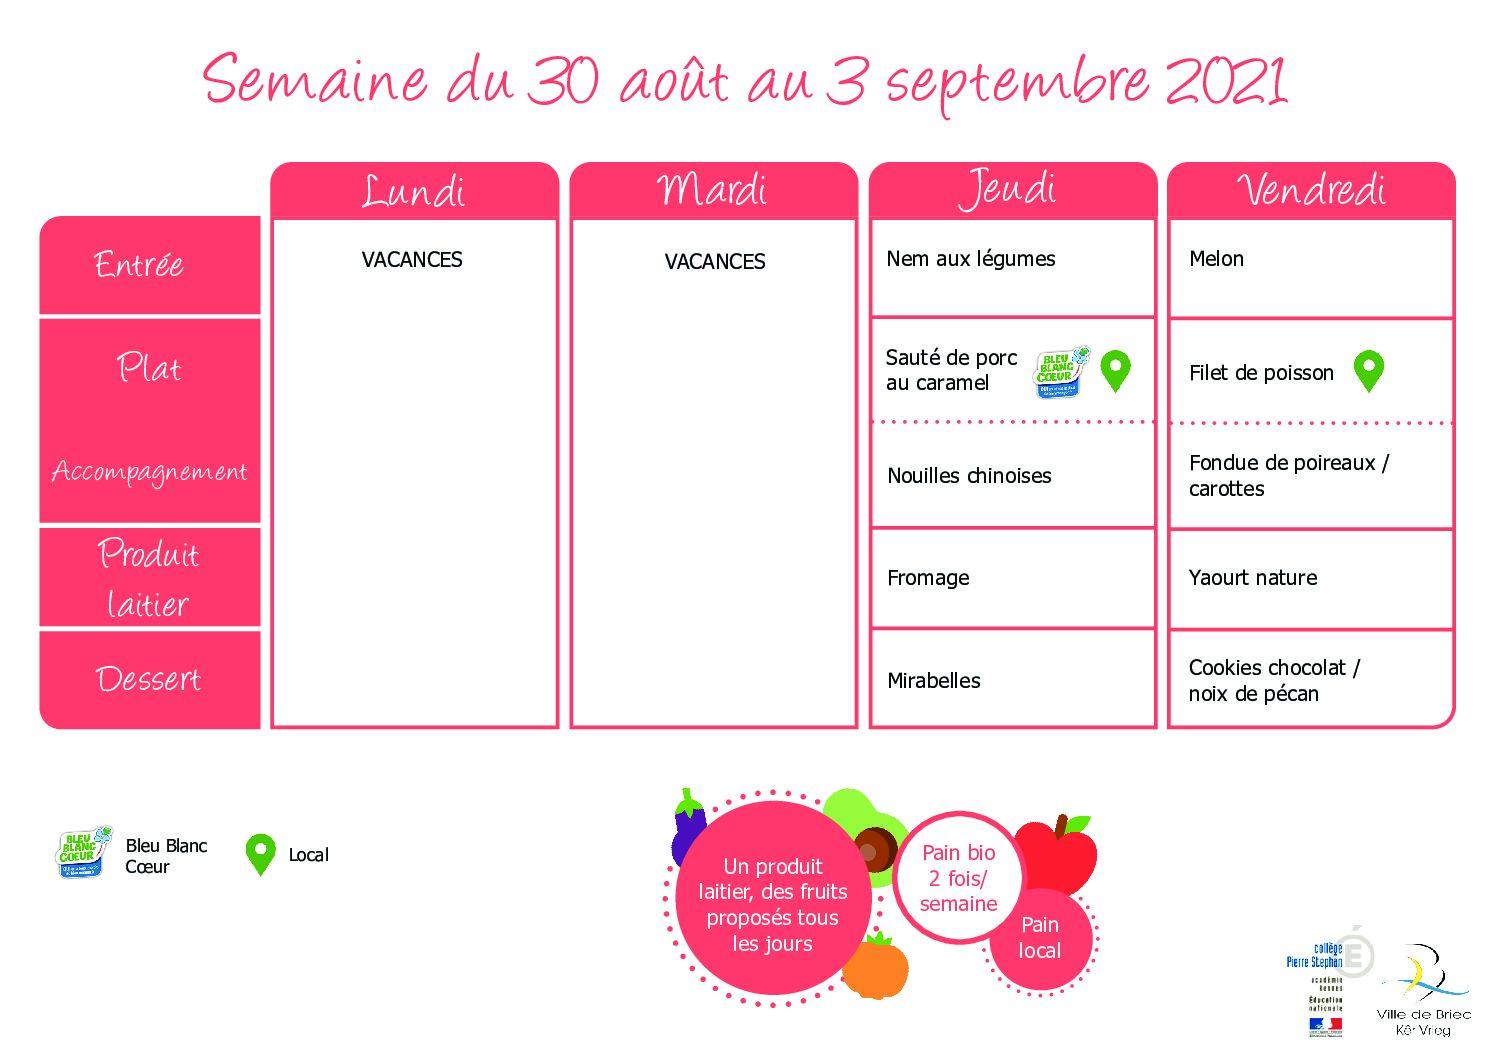 semaine-du-30-aout-au-3-septembre-2021-6-pdf